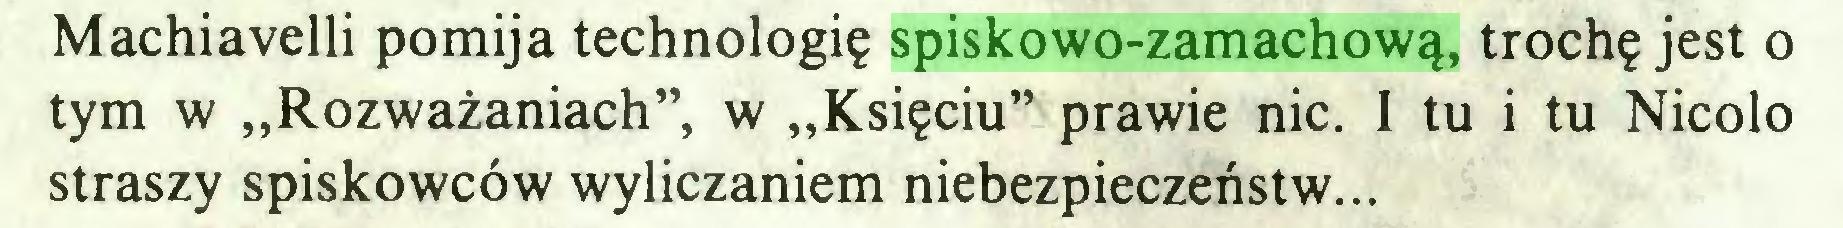 """(...) Machiavelli pomija technologię spiskowo-zamachową, trochę jest o tym w """"Rozważaniach"""", w """"Księciu"""" prawie nic. I tu i tu Nicolo straszy spiskowców wyliczaniem niebezpieczeństw..."""